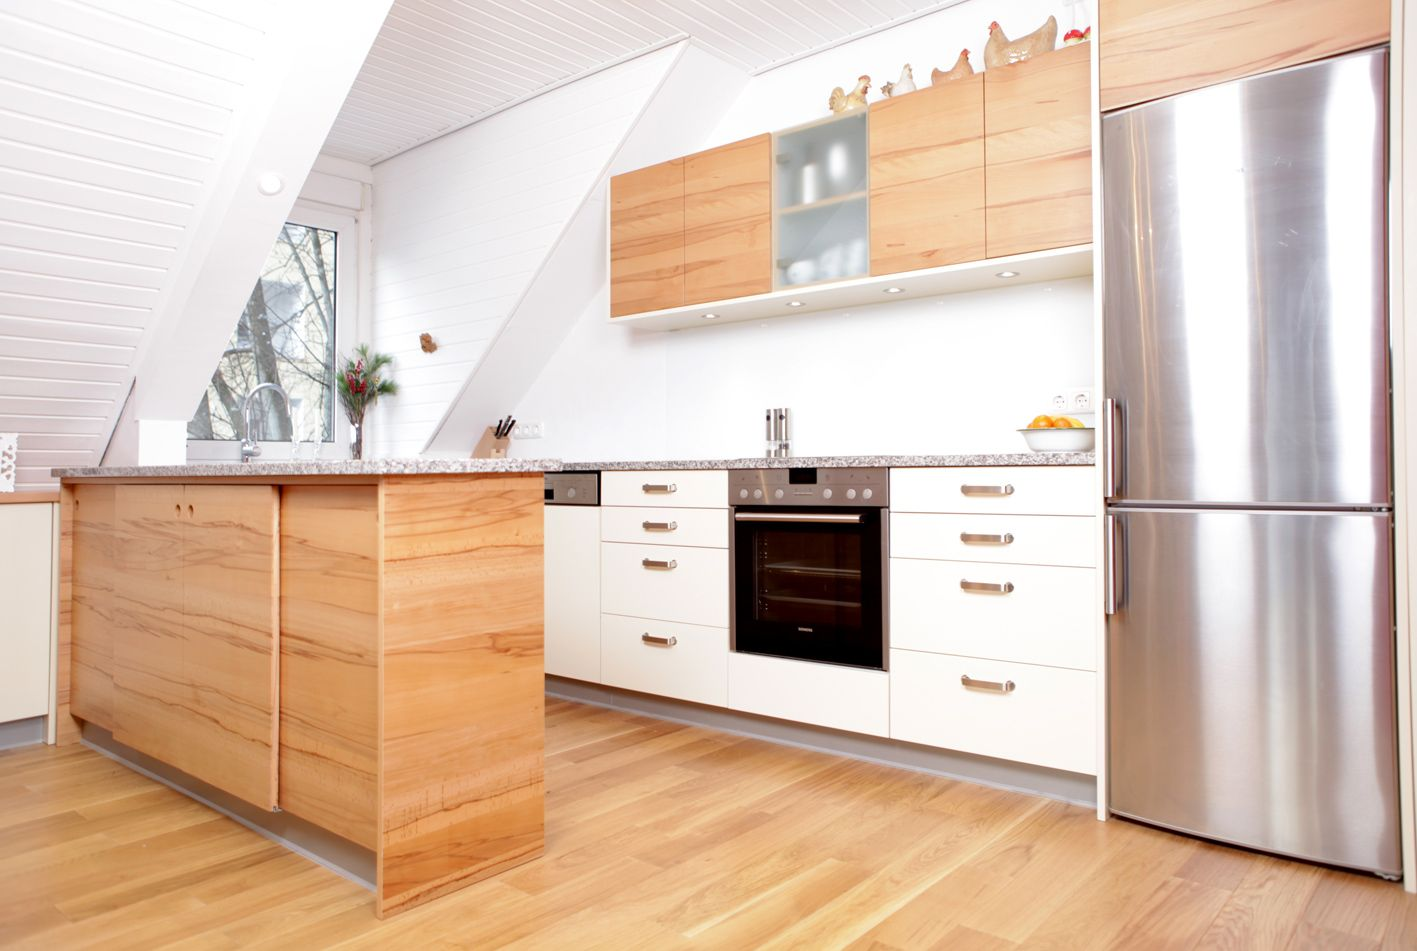 Günstige Küchenfronten Online Bestellen | kochkor.info | {Günstige küchenfronten 6}